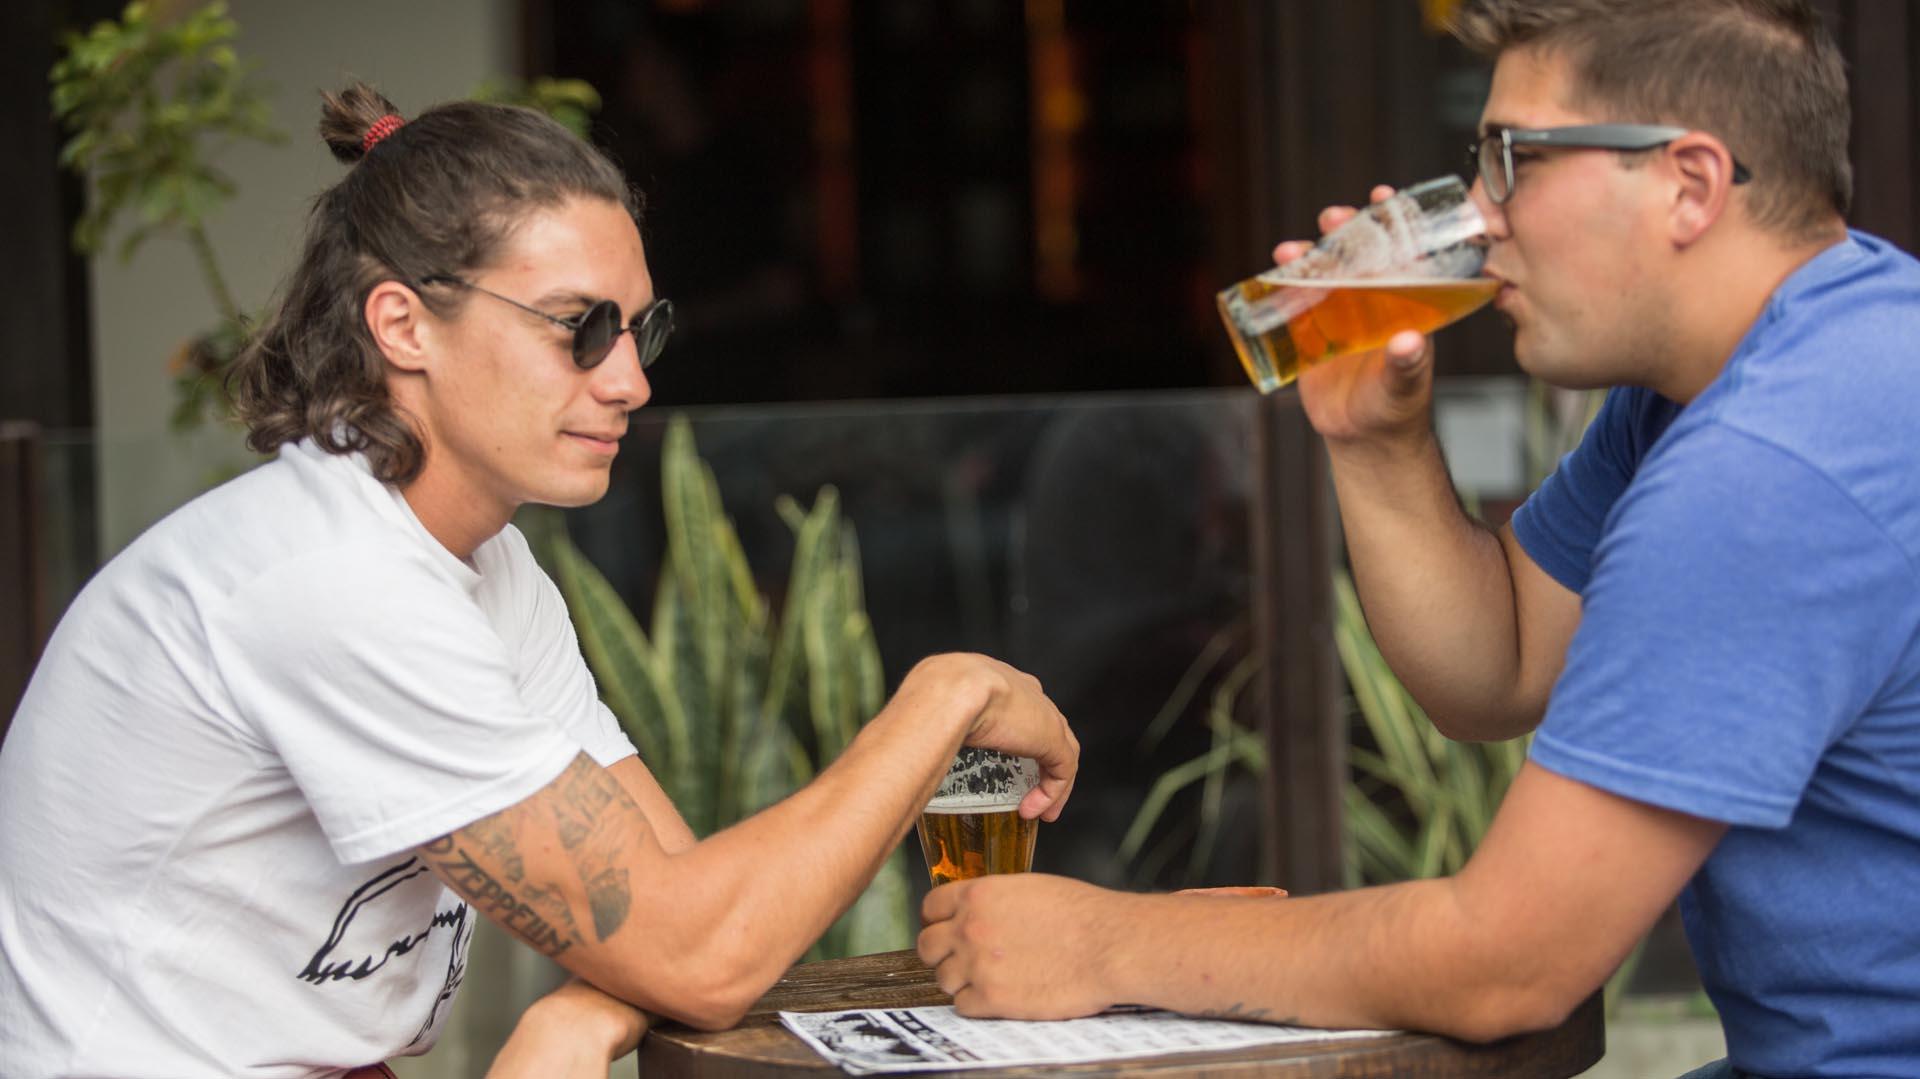 Las cervecerías se convirtieron en un clásico de calle Olavarría (Christian Heit)